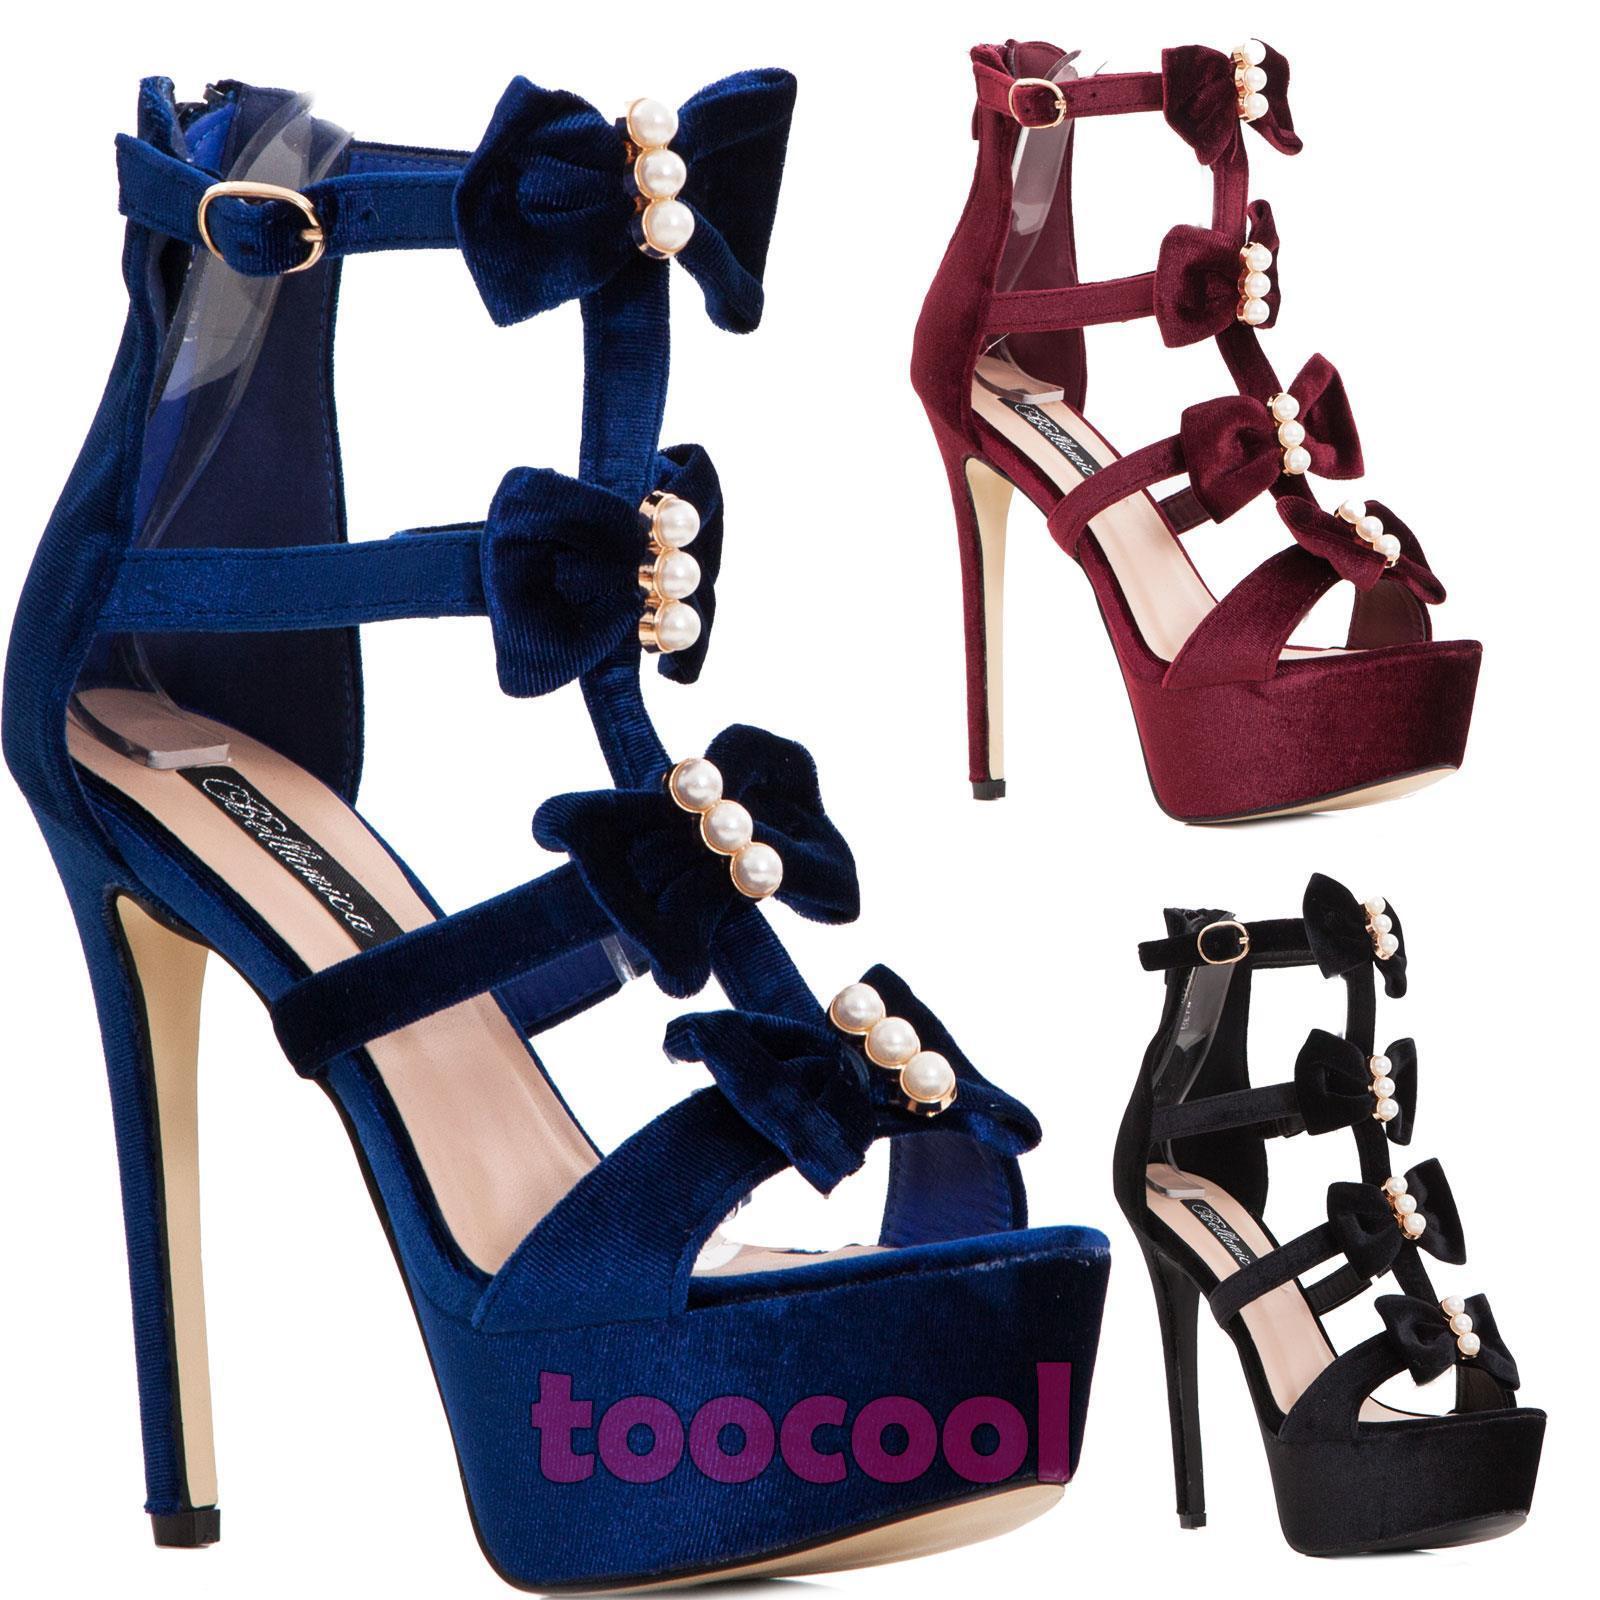 Zapatos sandalias de mujer tacón botines terciopelo terciopelo joya tacón mujer alto BL7202 c4caa6